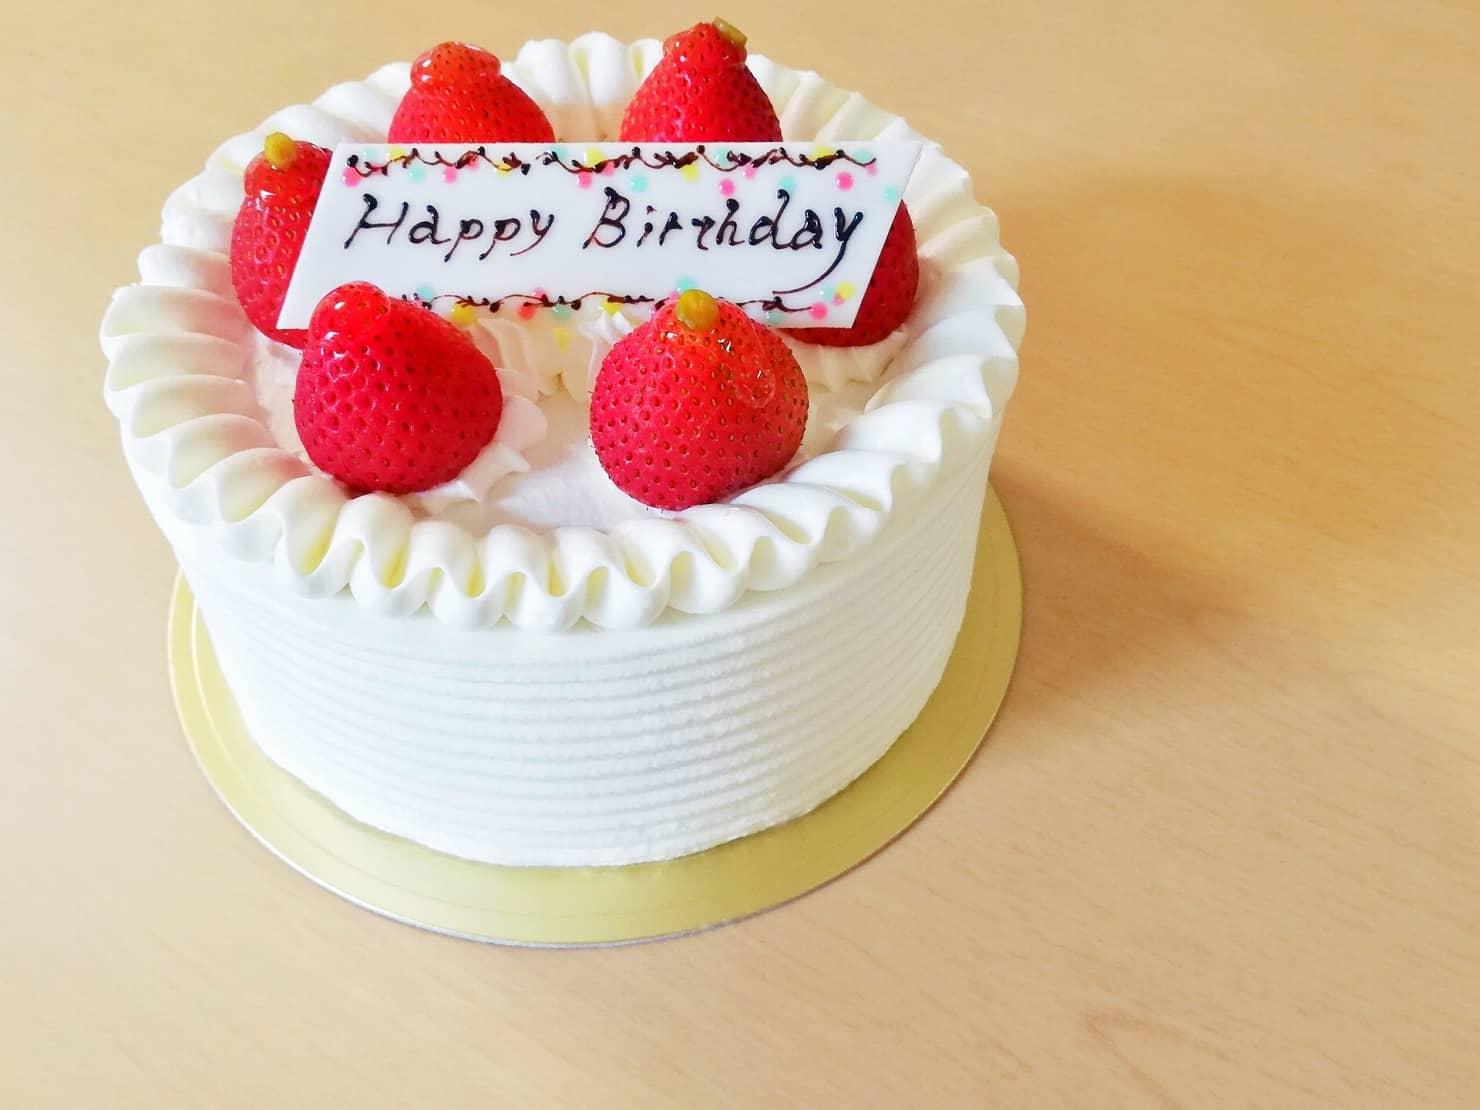 アレルギーの子供にも誕生日ケーキを! 通販で買えるおすすめのショップ4選